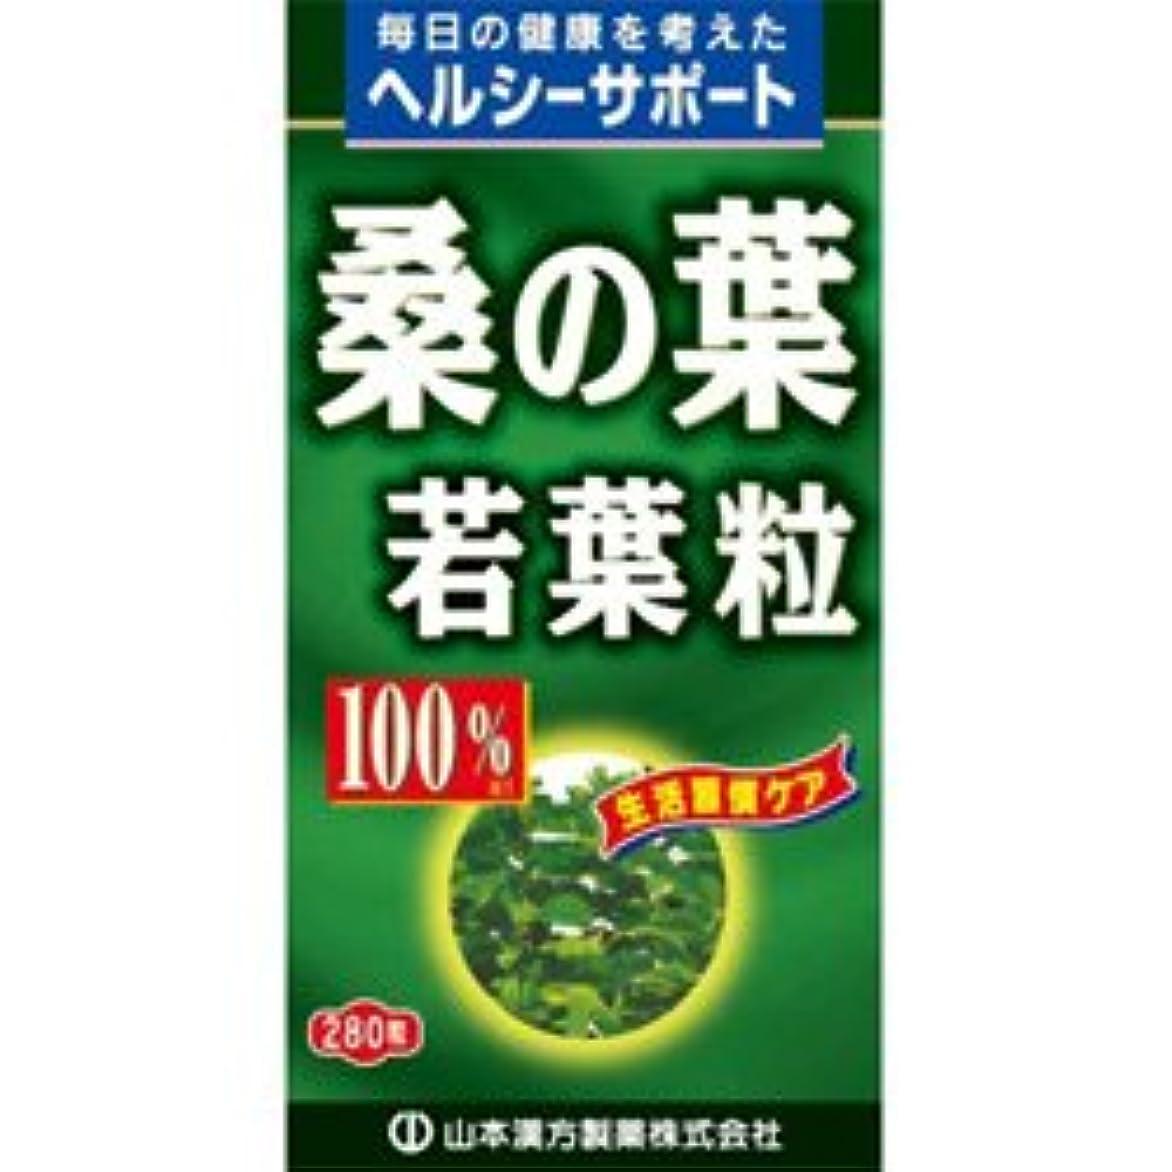 演劇タクシーソフィー【山本漢方製薬】桑の葉粒 100% 280粒 ×10個セット